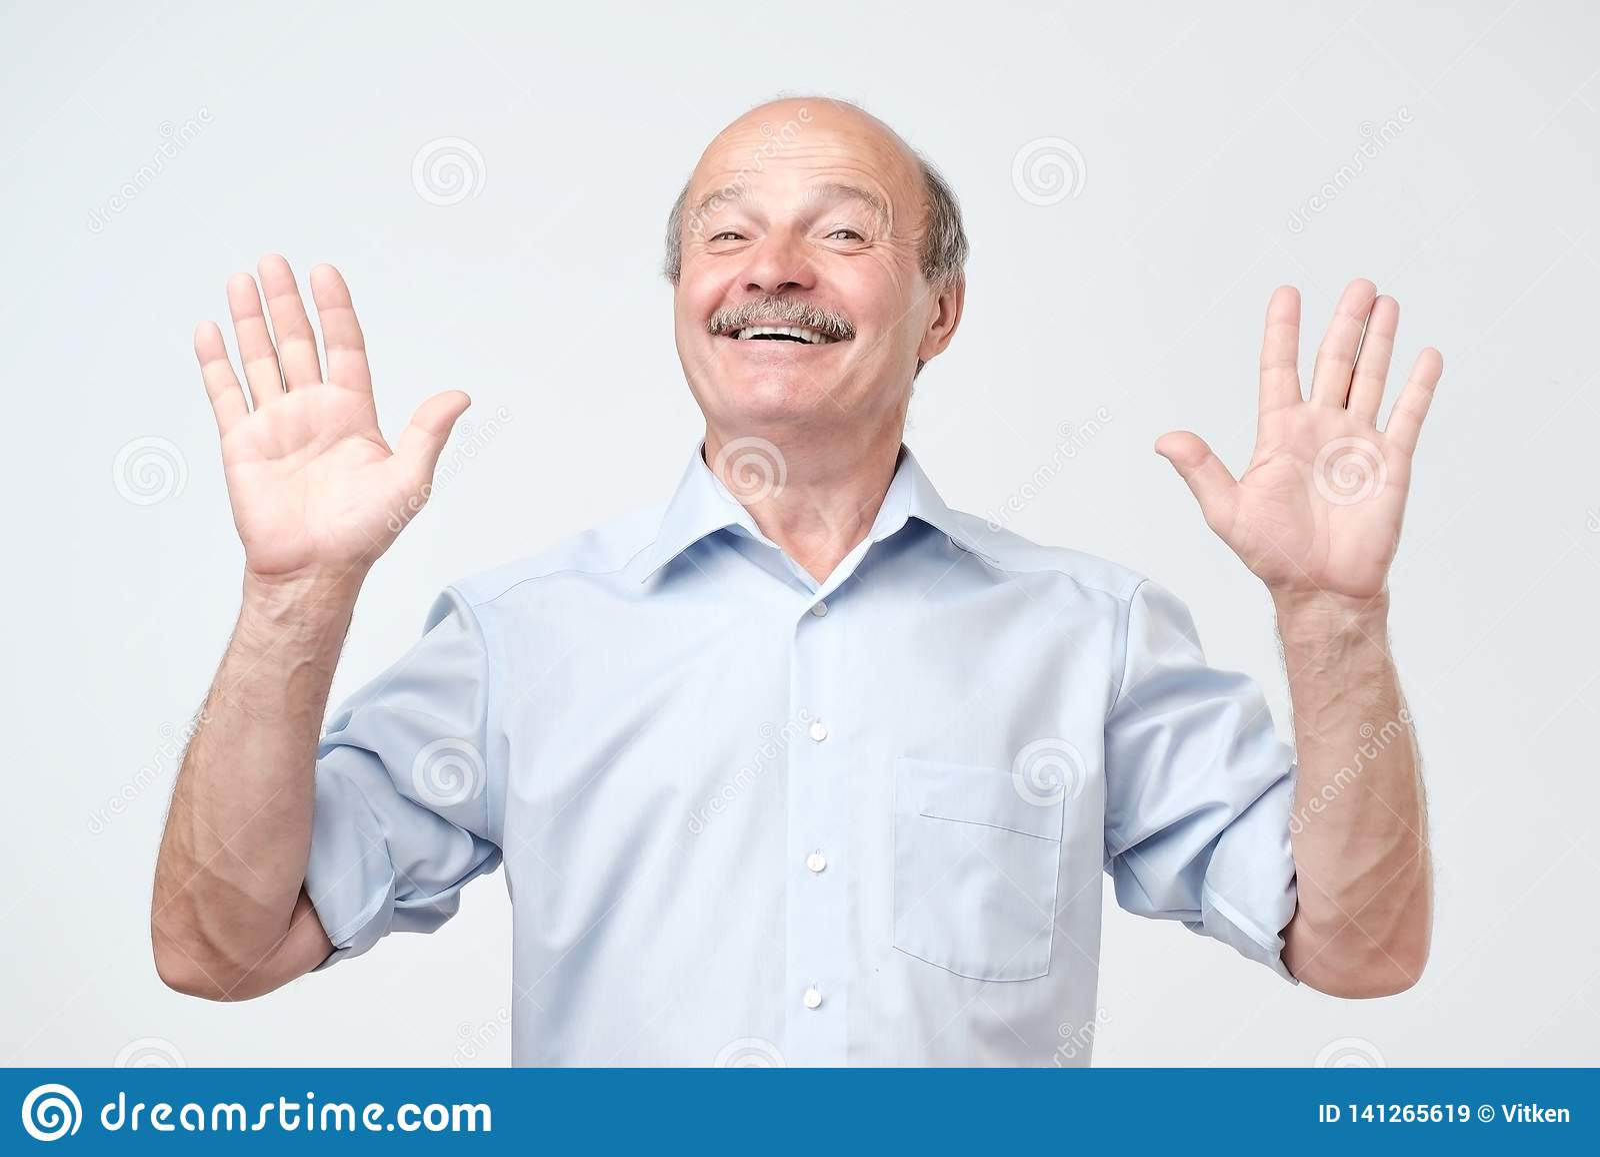 Il tipo allegro solleva le mani come le manifestazioni che sono uninvolved, ha sguardo felice